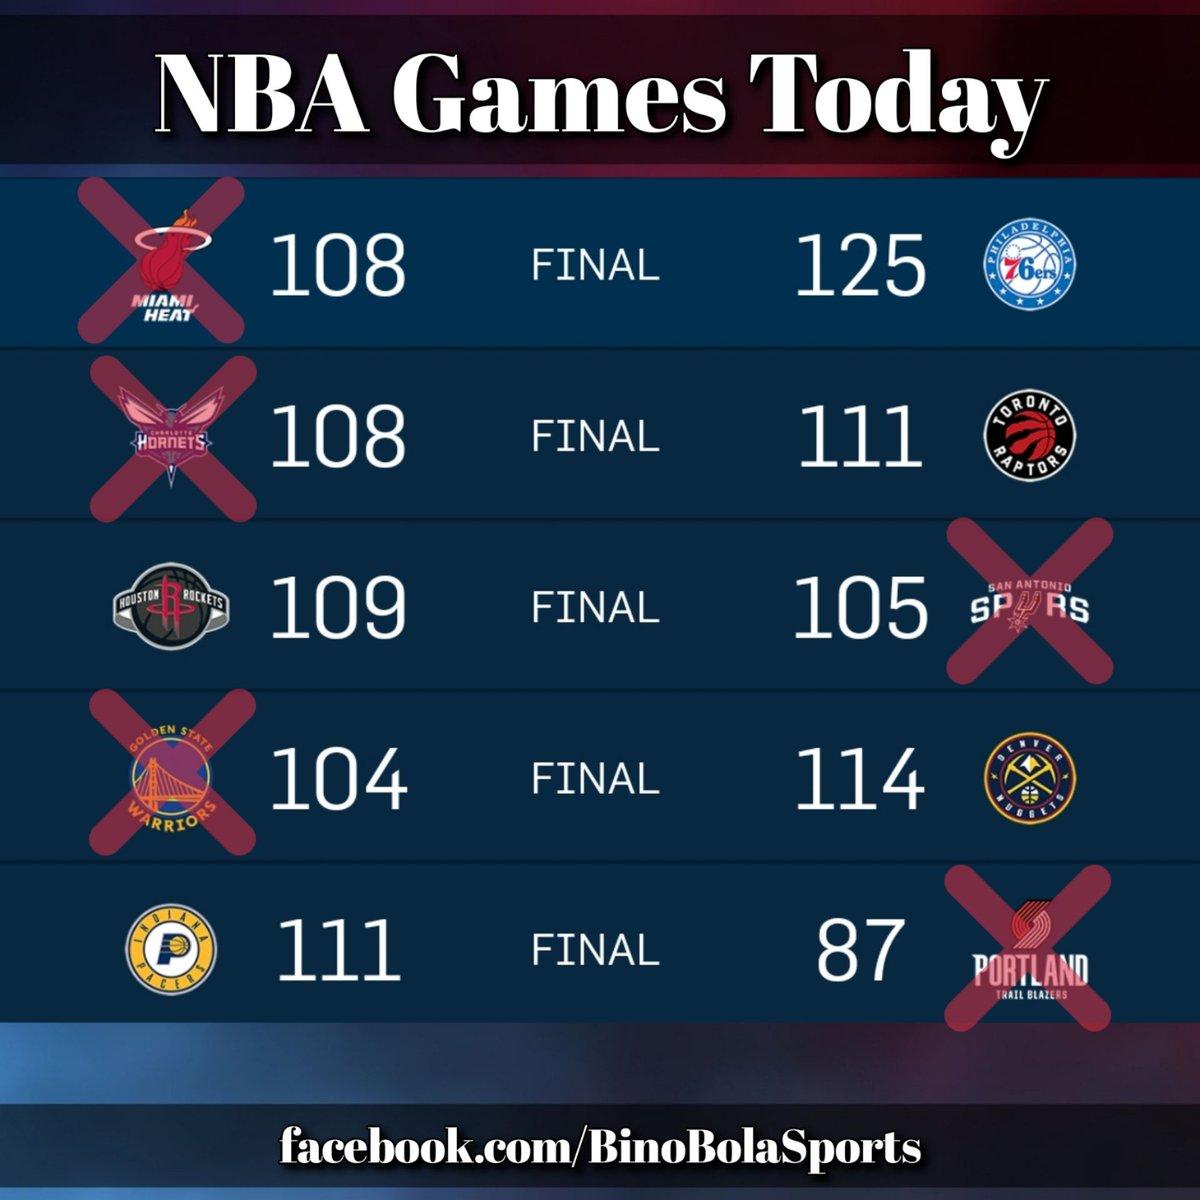 NBA games today! #RegularSeason #Day23 #BinoBolaSports #Scores